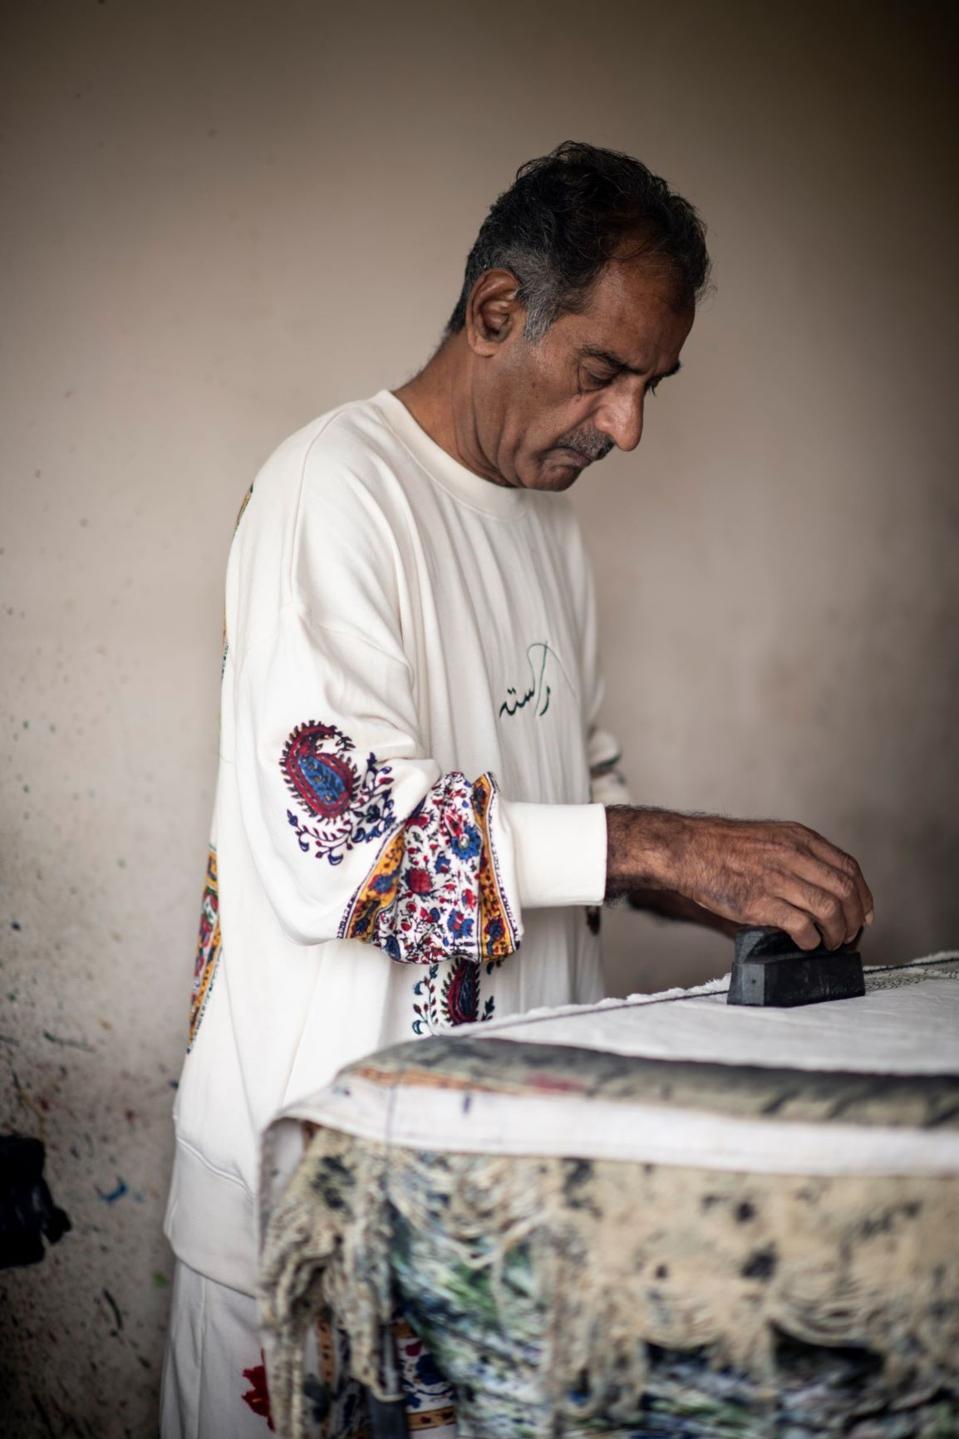 A Rastah artisan at his workshop in Lahore, Pakistan.